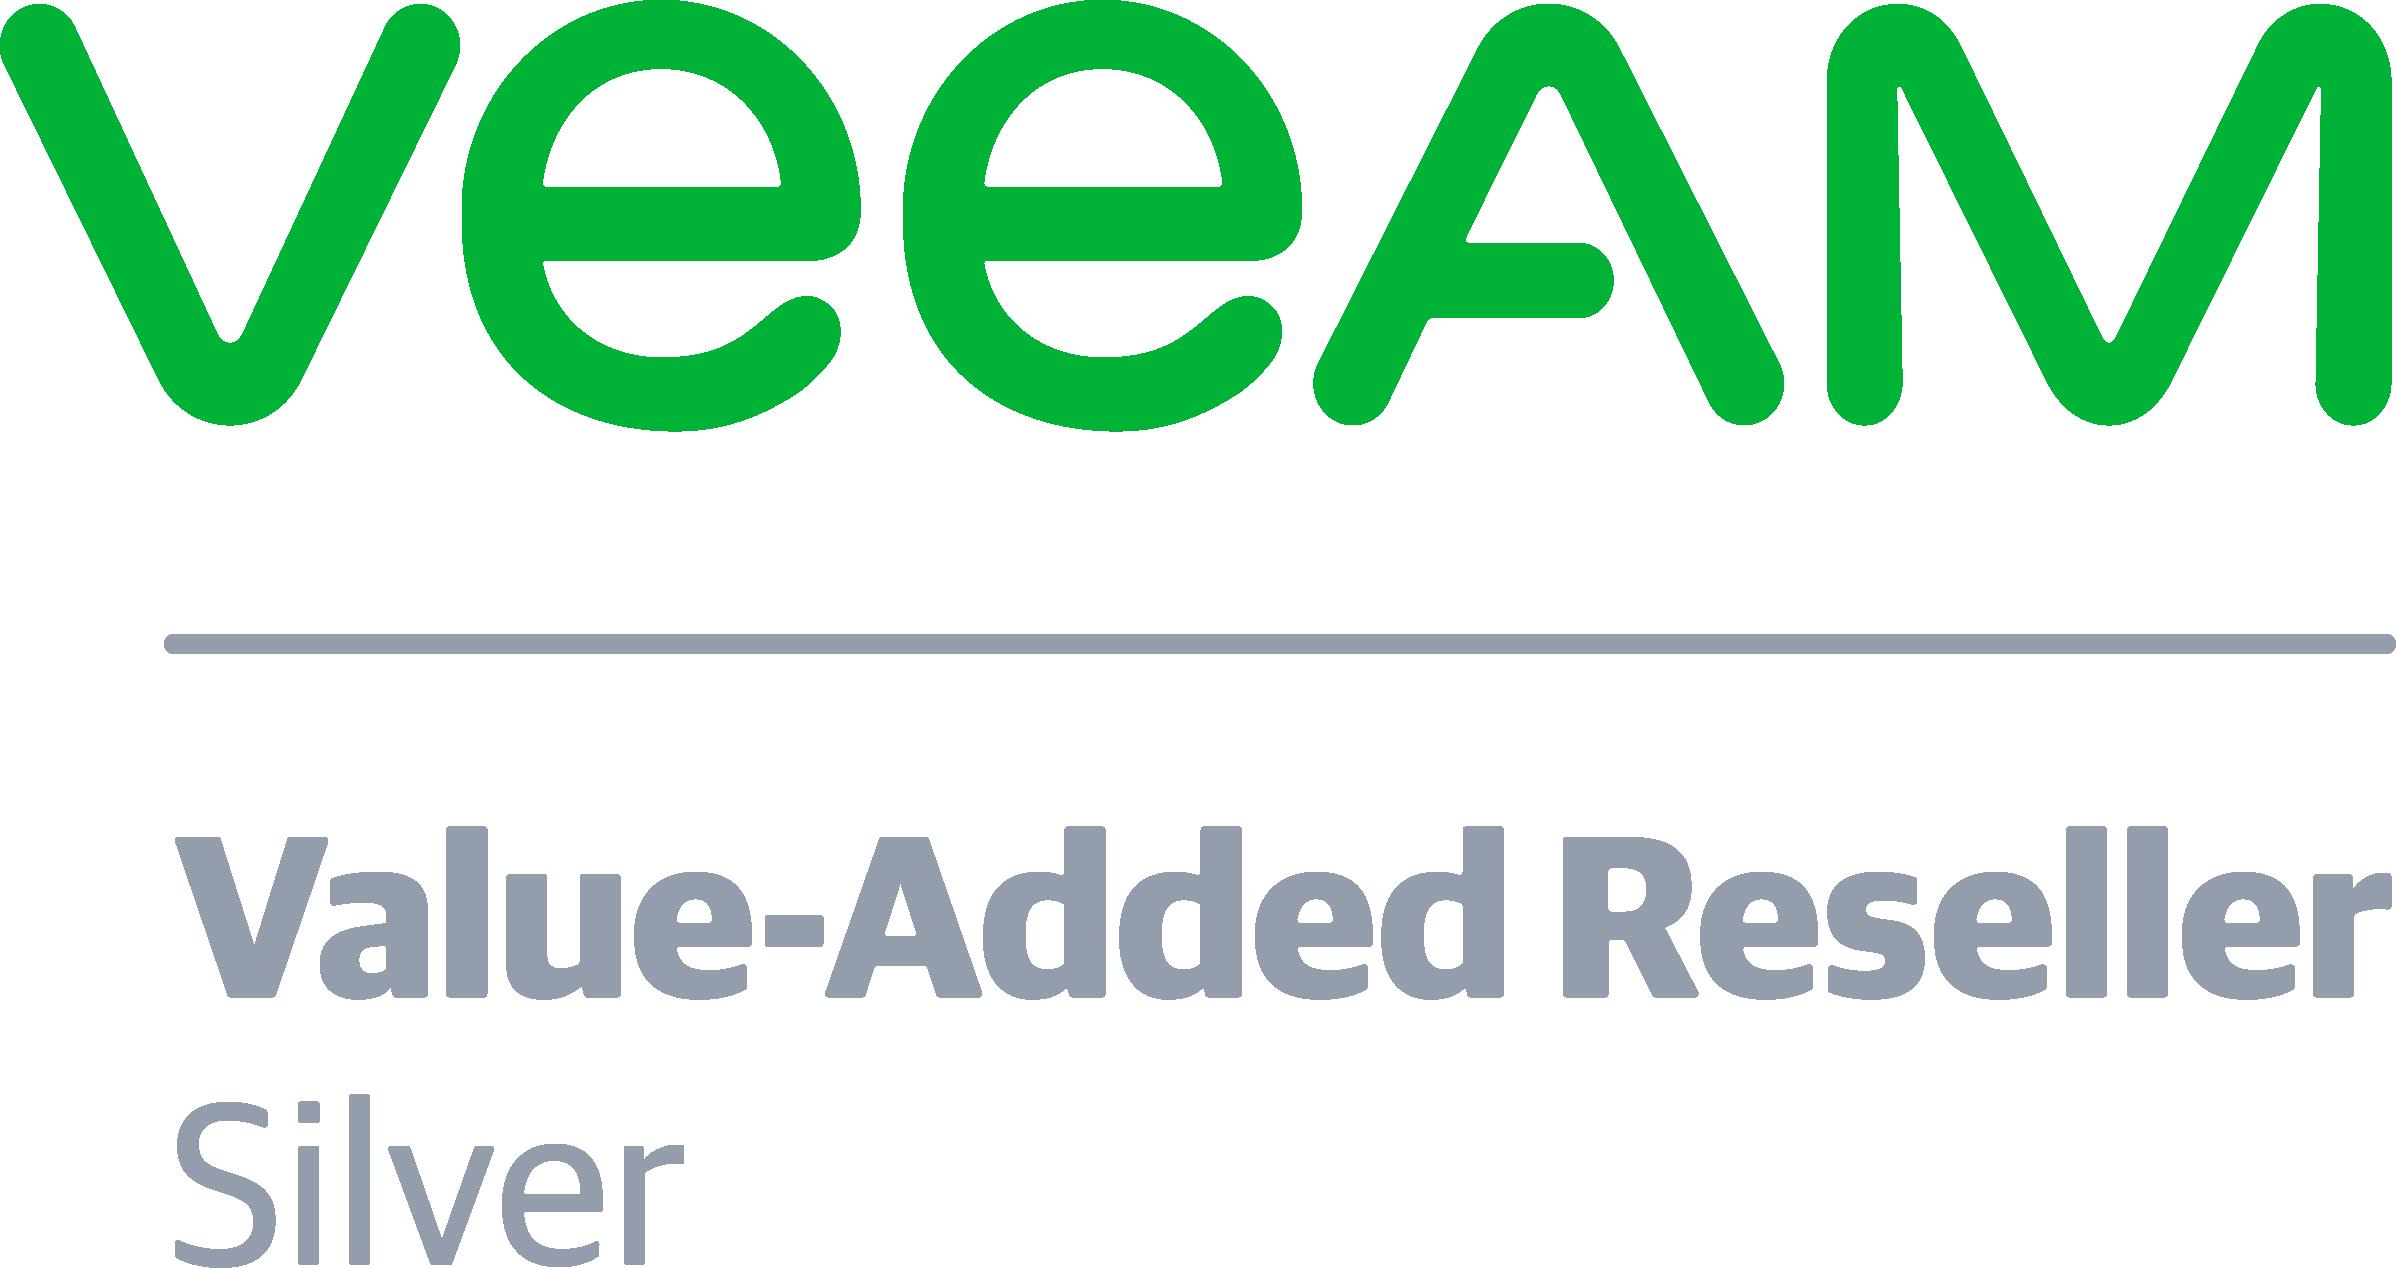 Veeam_ProPartner_Value-Added_Reseller_Silver_main_logo